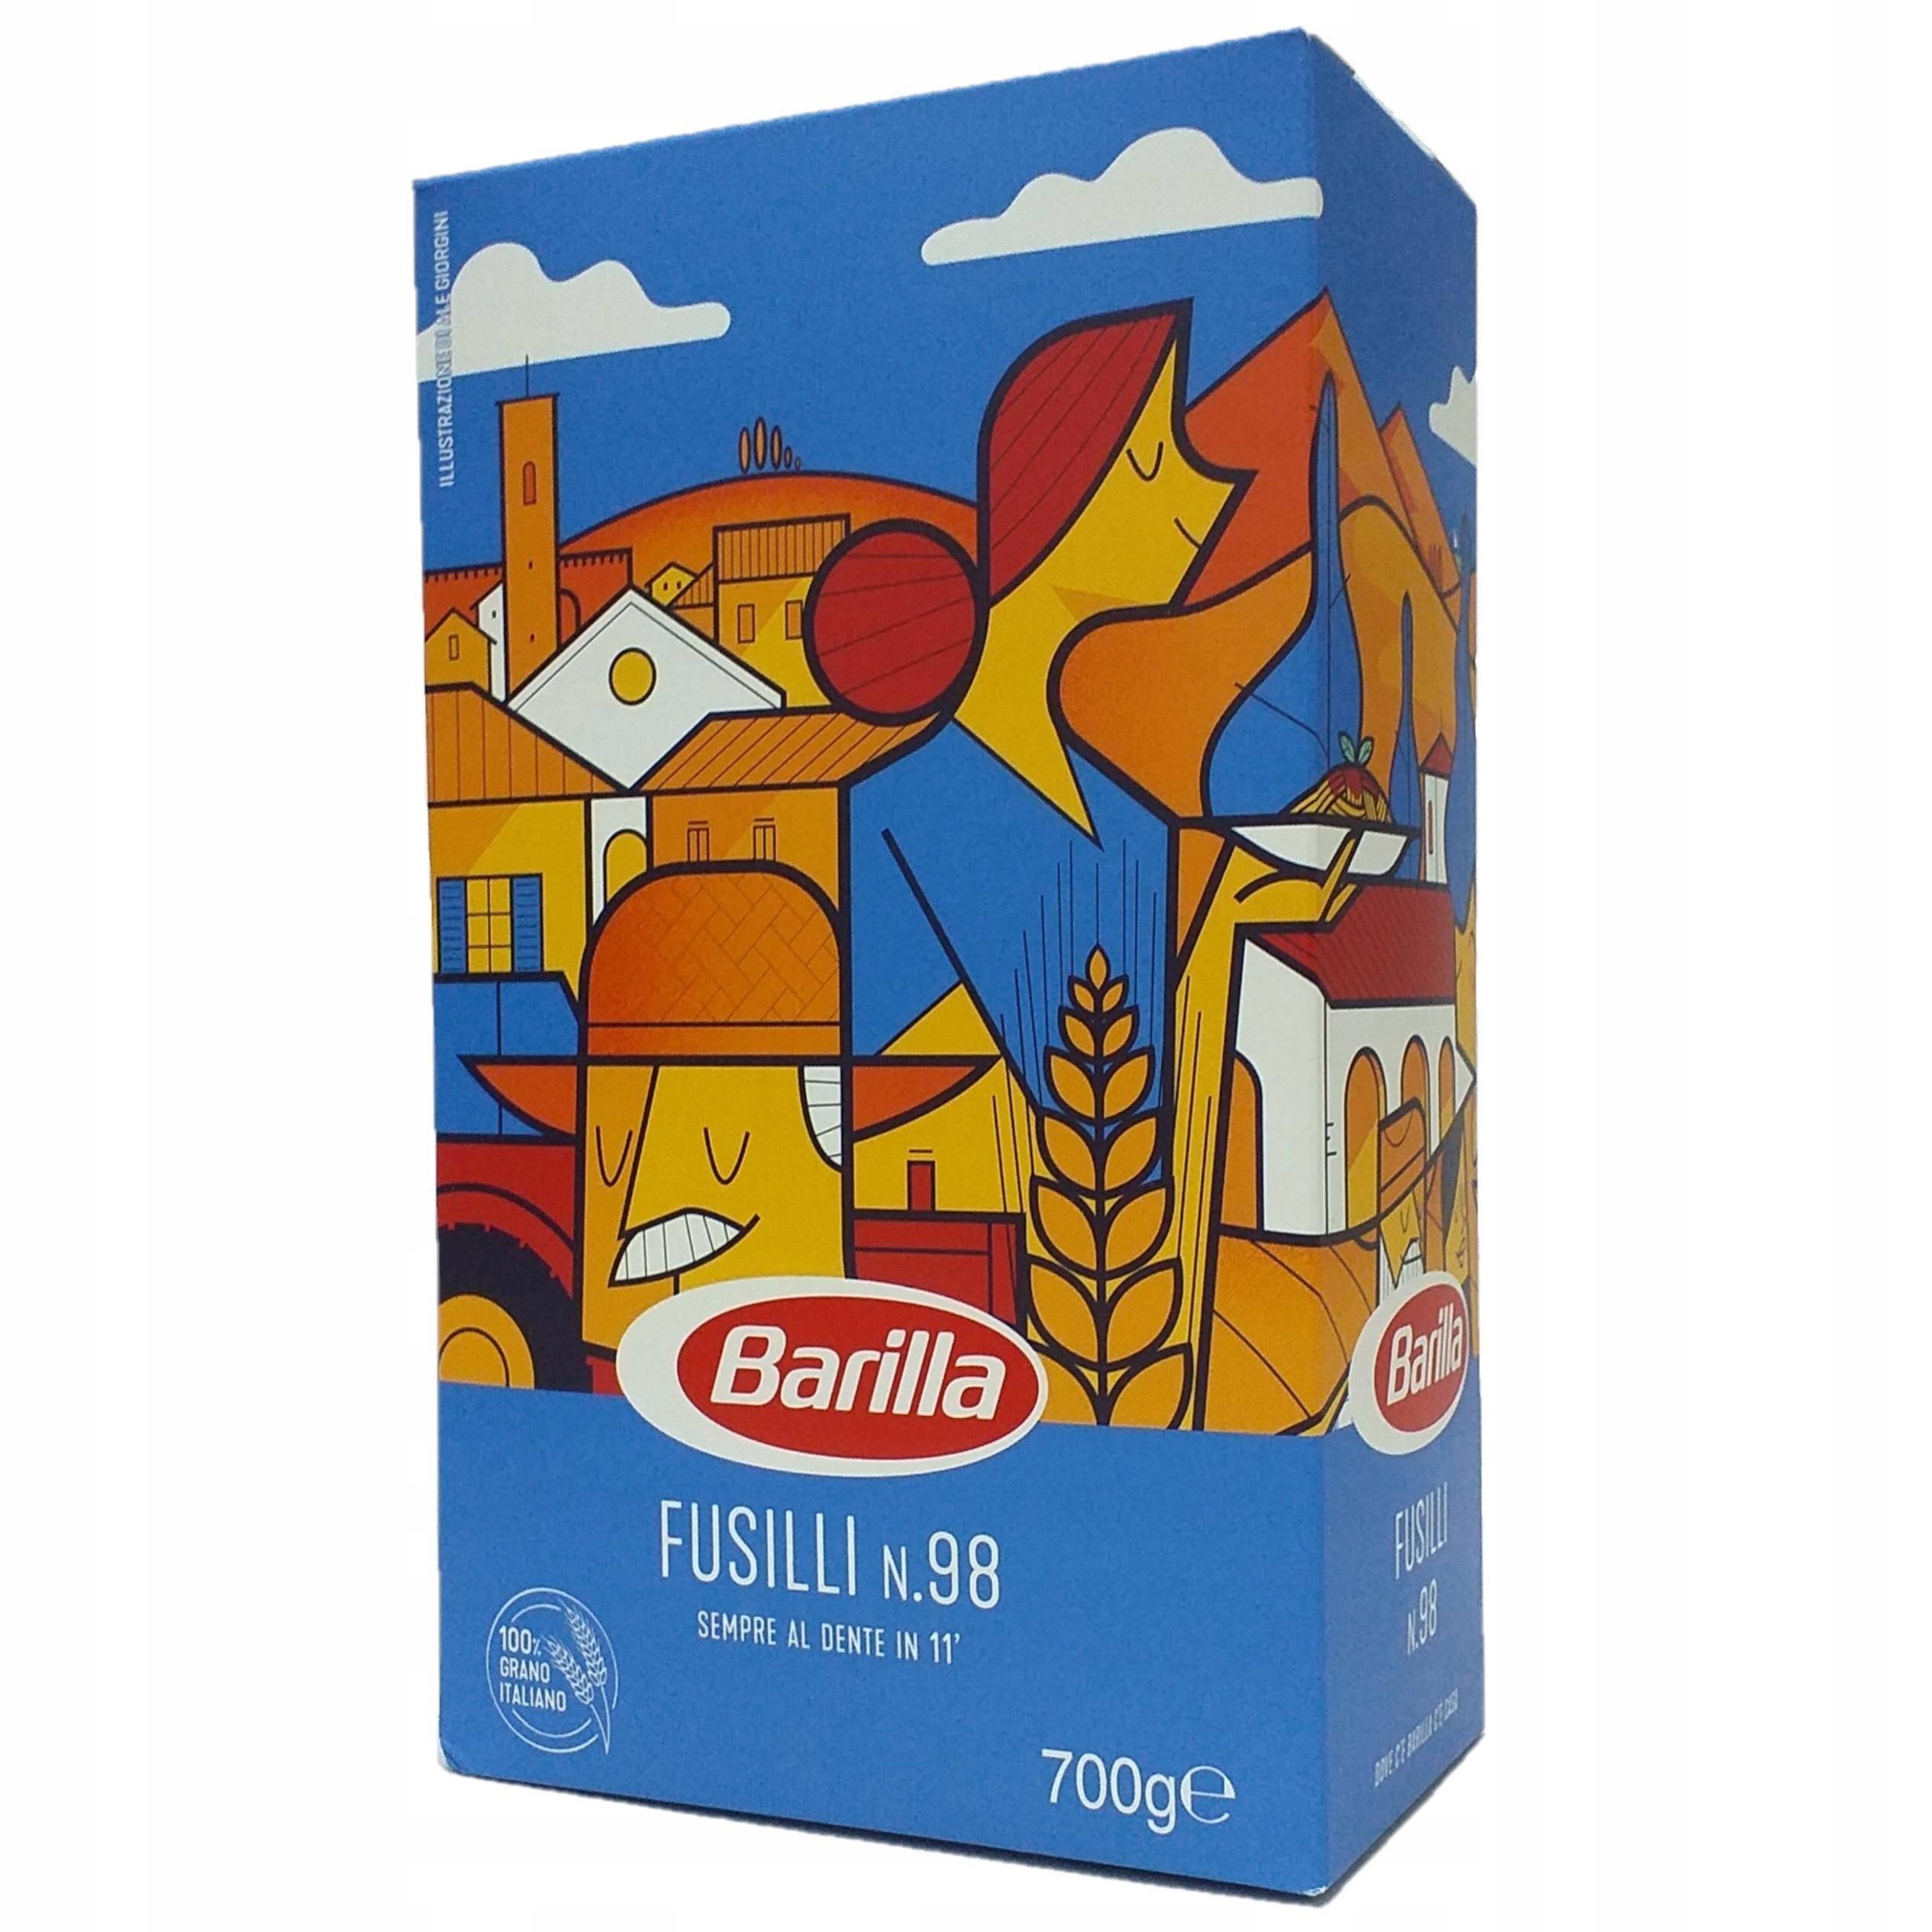 Barilla Fusilli 700гр оригинальная итальянская паста